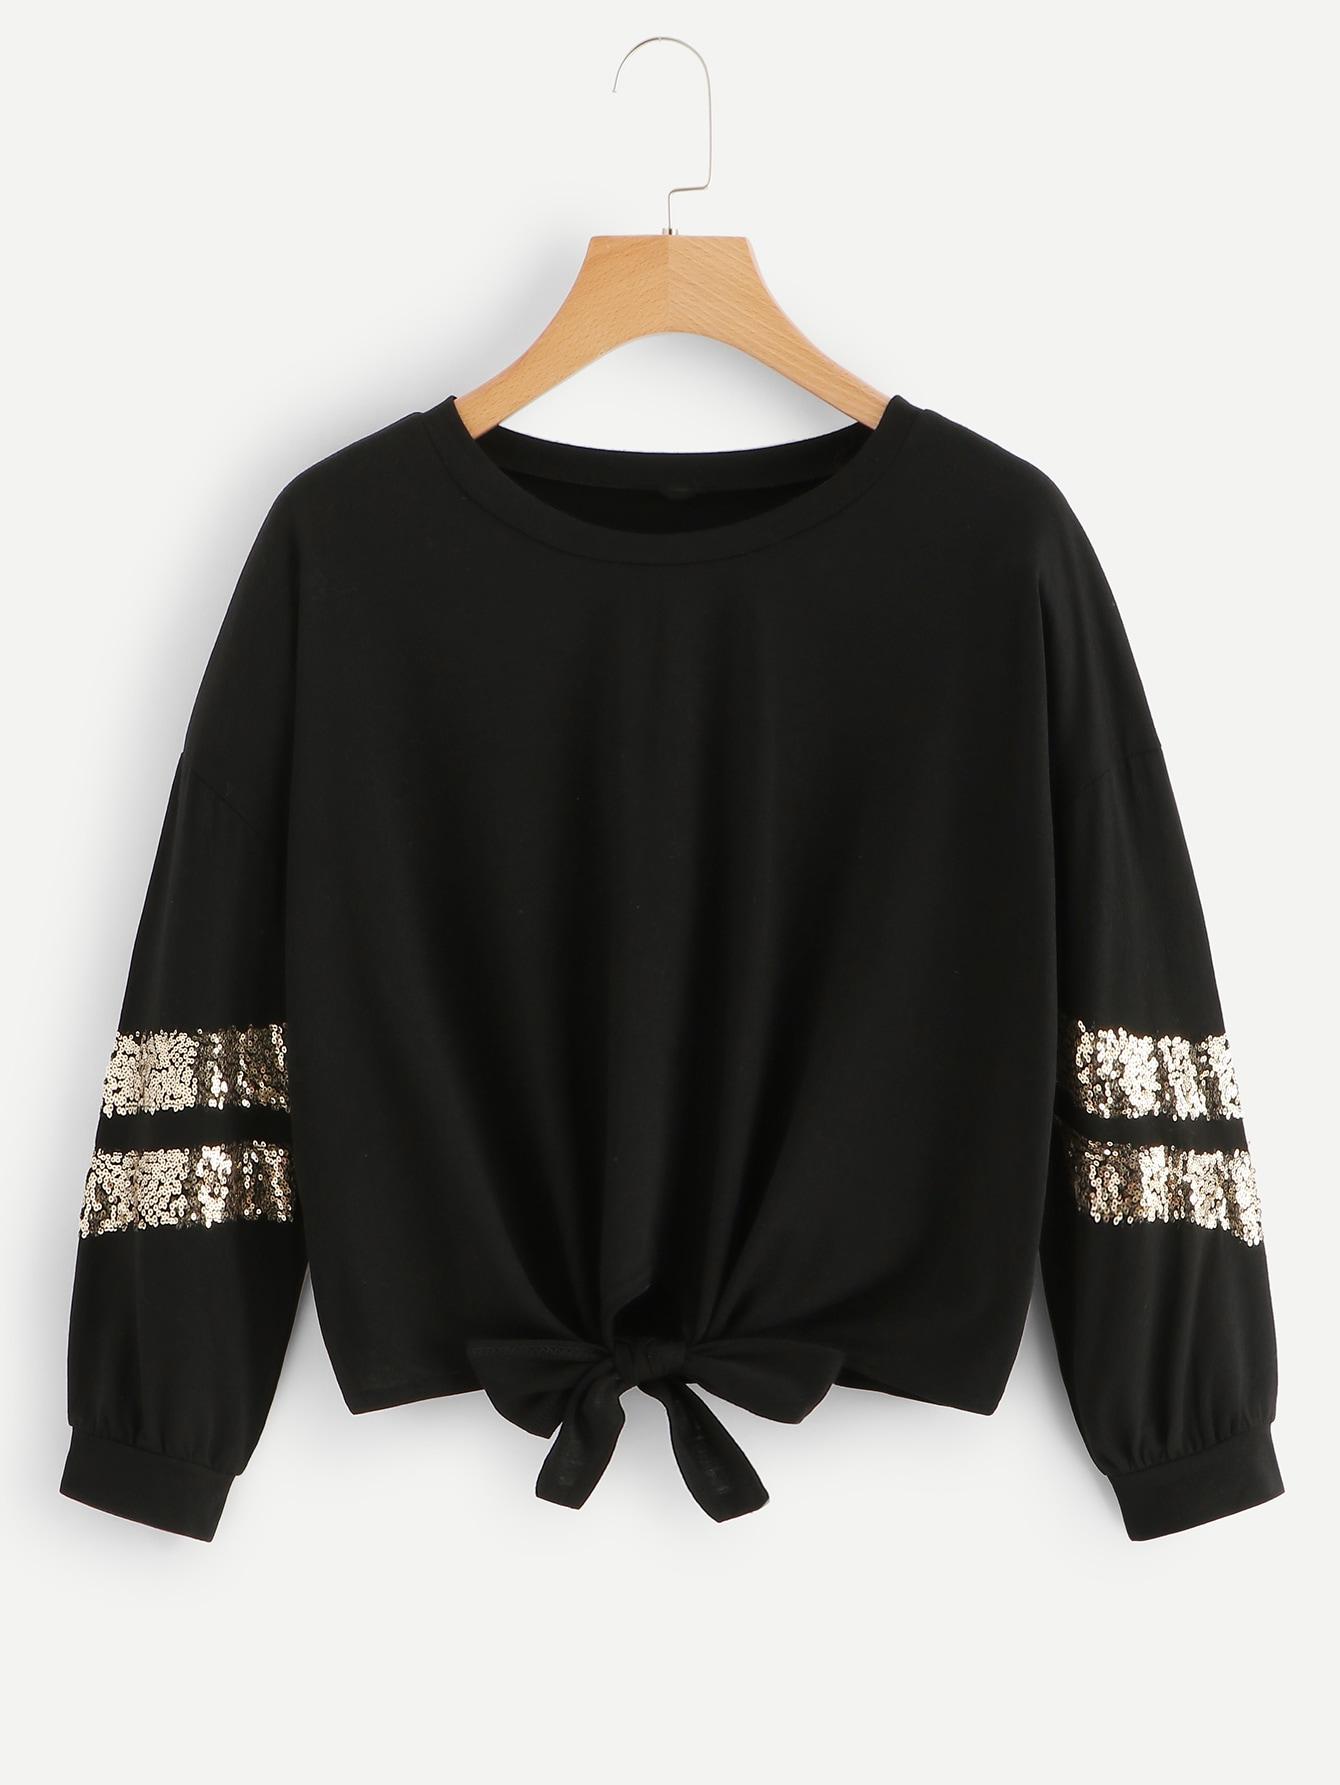 Contrast Sequin Knot Hem Sweatshirt Contrast Sequin Knot Hem Sweatshirt